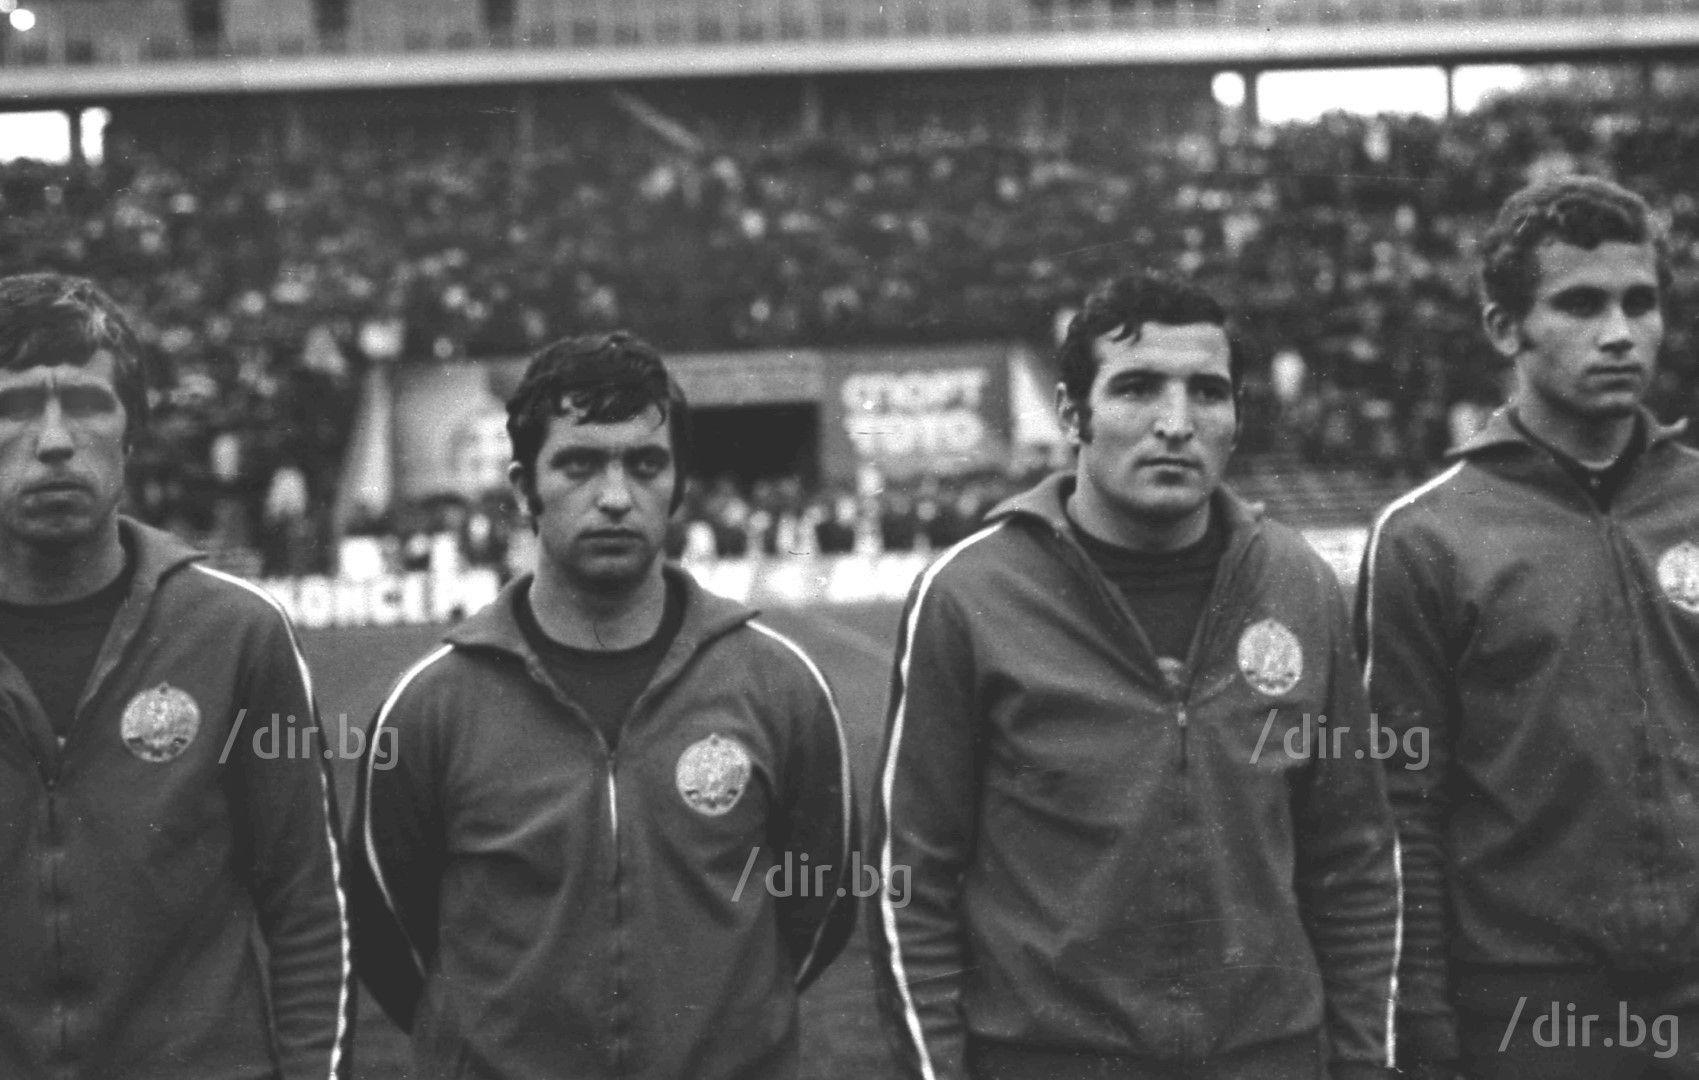 С екипа на националния отбор между Димитър Пенев и Аспарух Никодимов